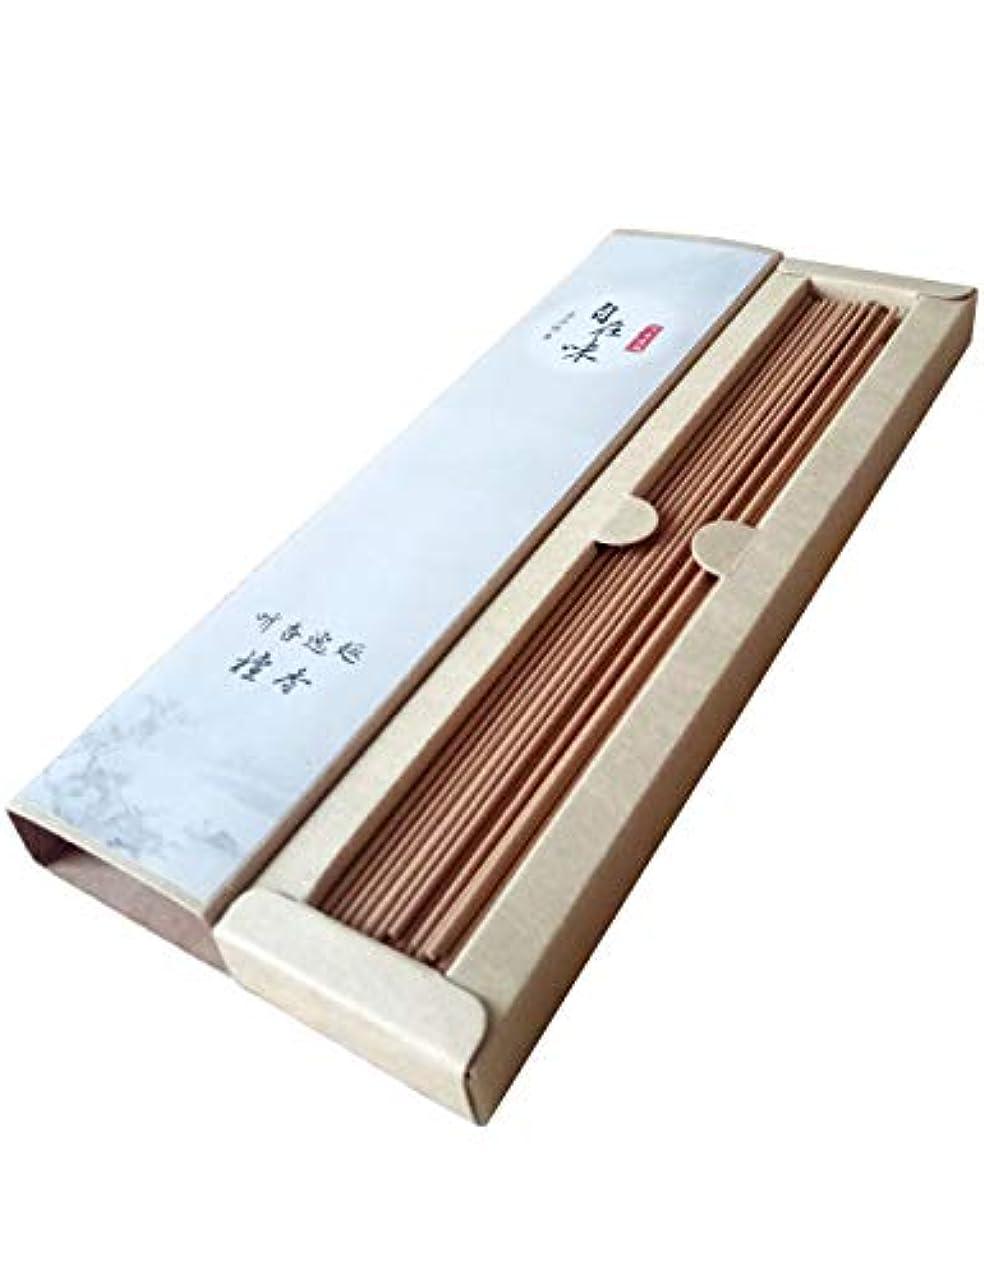 目を覚ます公式短くするお線香 天然素材 煙の少ない 白檀 お徳用 (长寸21cm 85本入)